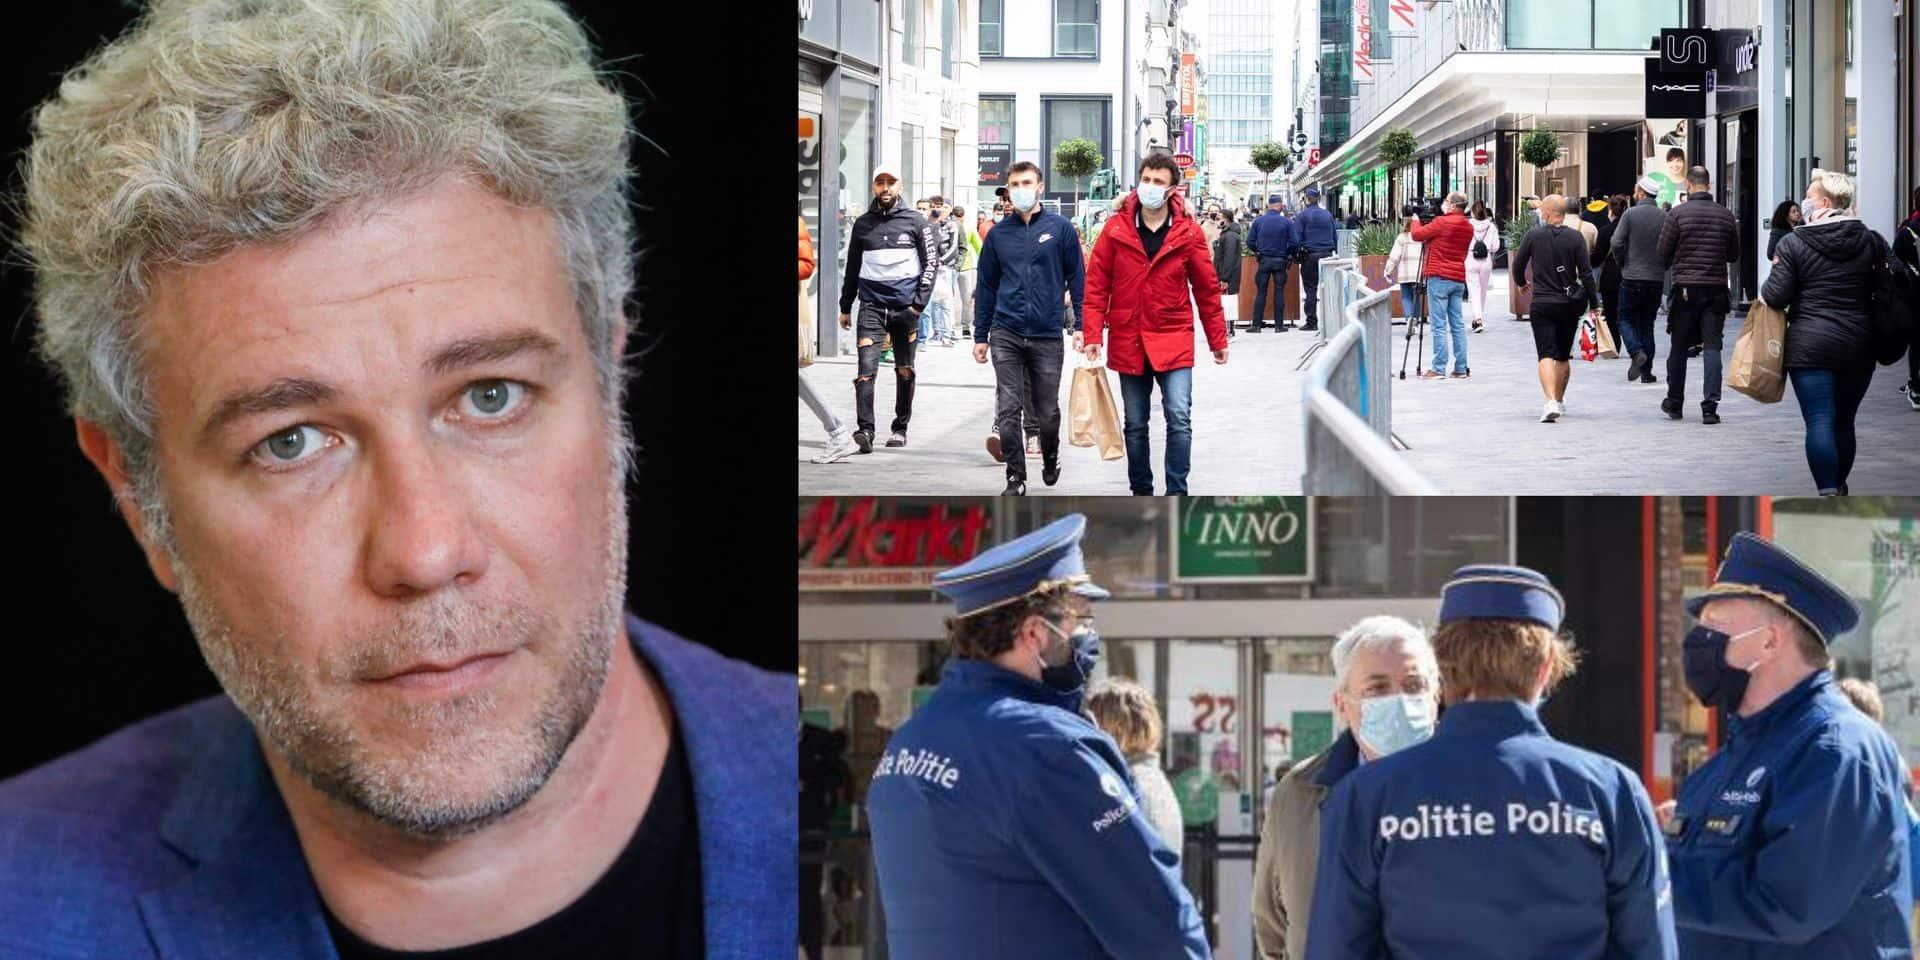 Masques, tests...: la Région bruxelloise fait le point sur les mesures prises pour éviter une deuxième vague